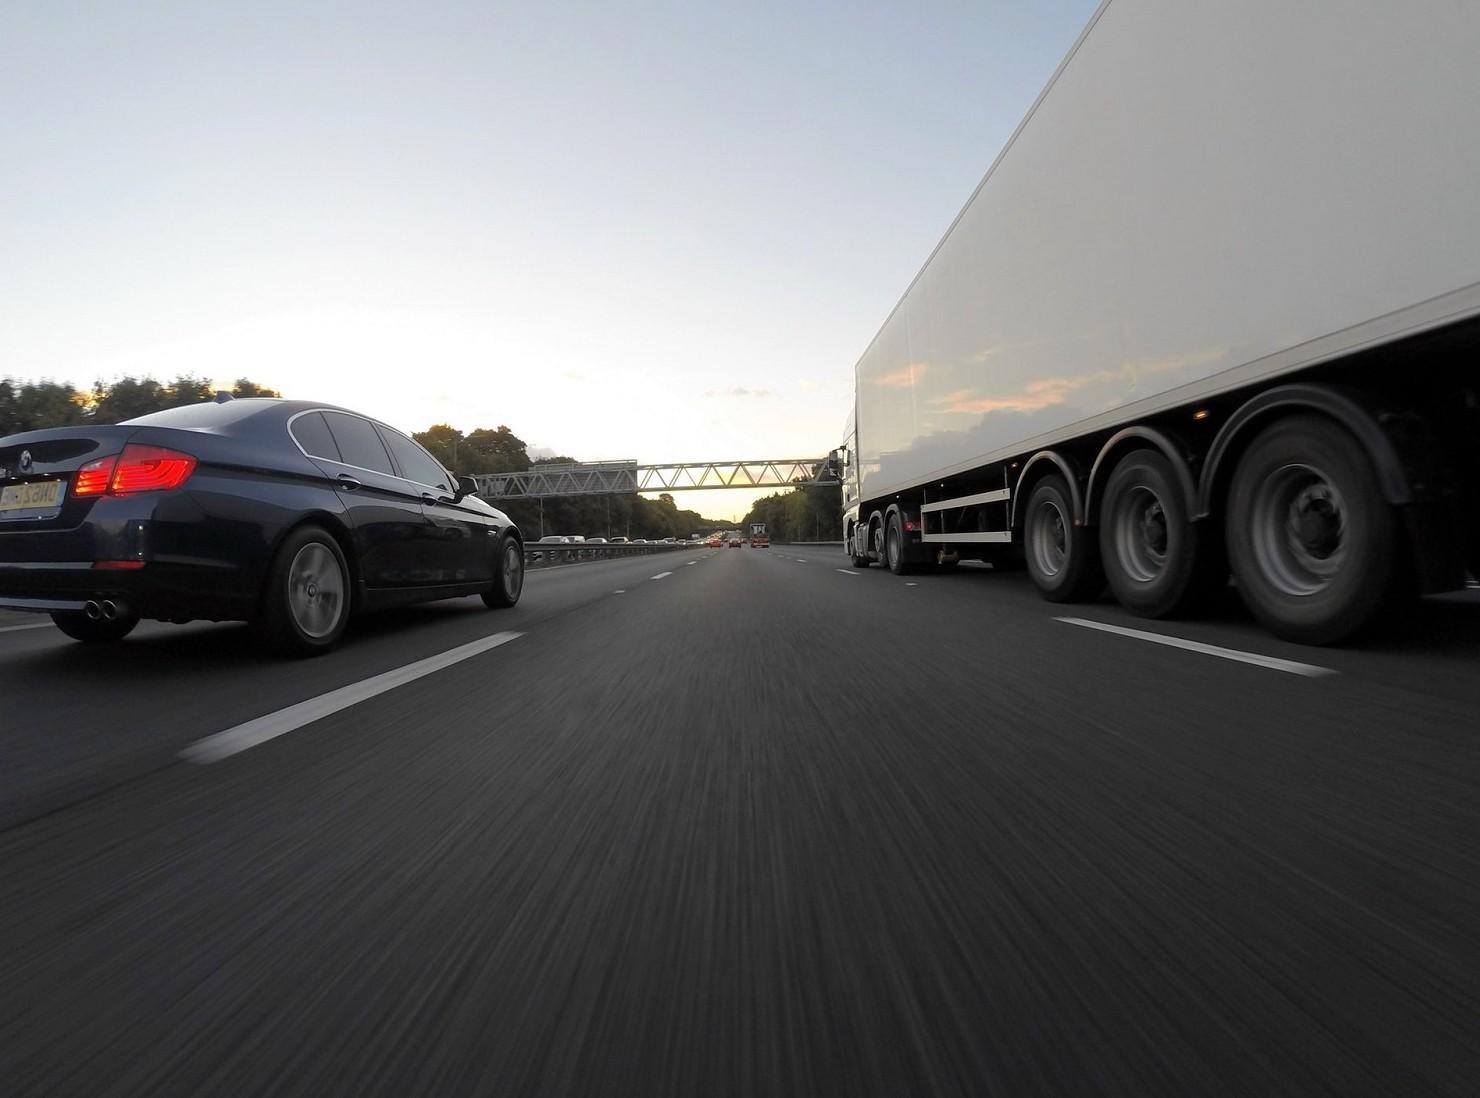 Contratto trasporti 2020 busta paga. Come leggere le voci